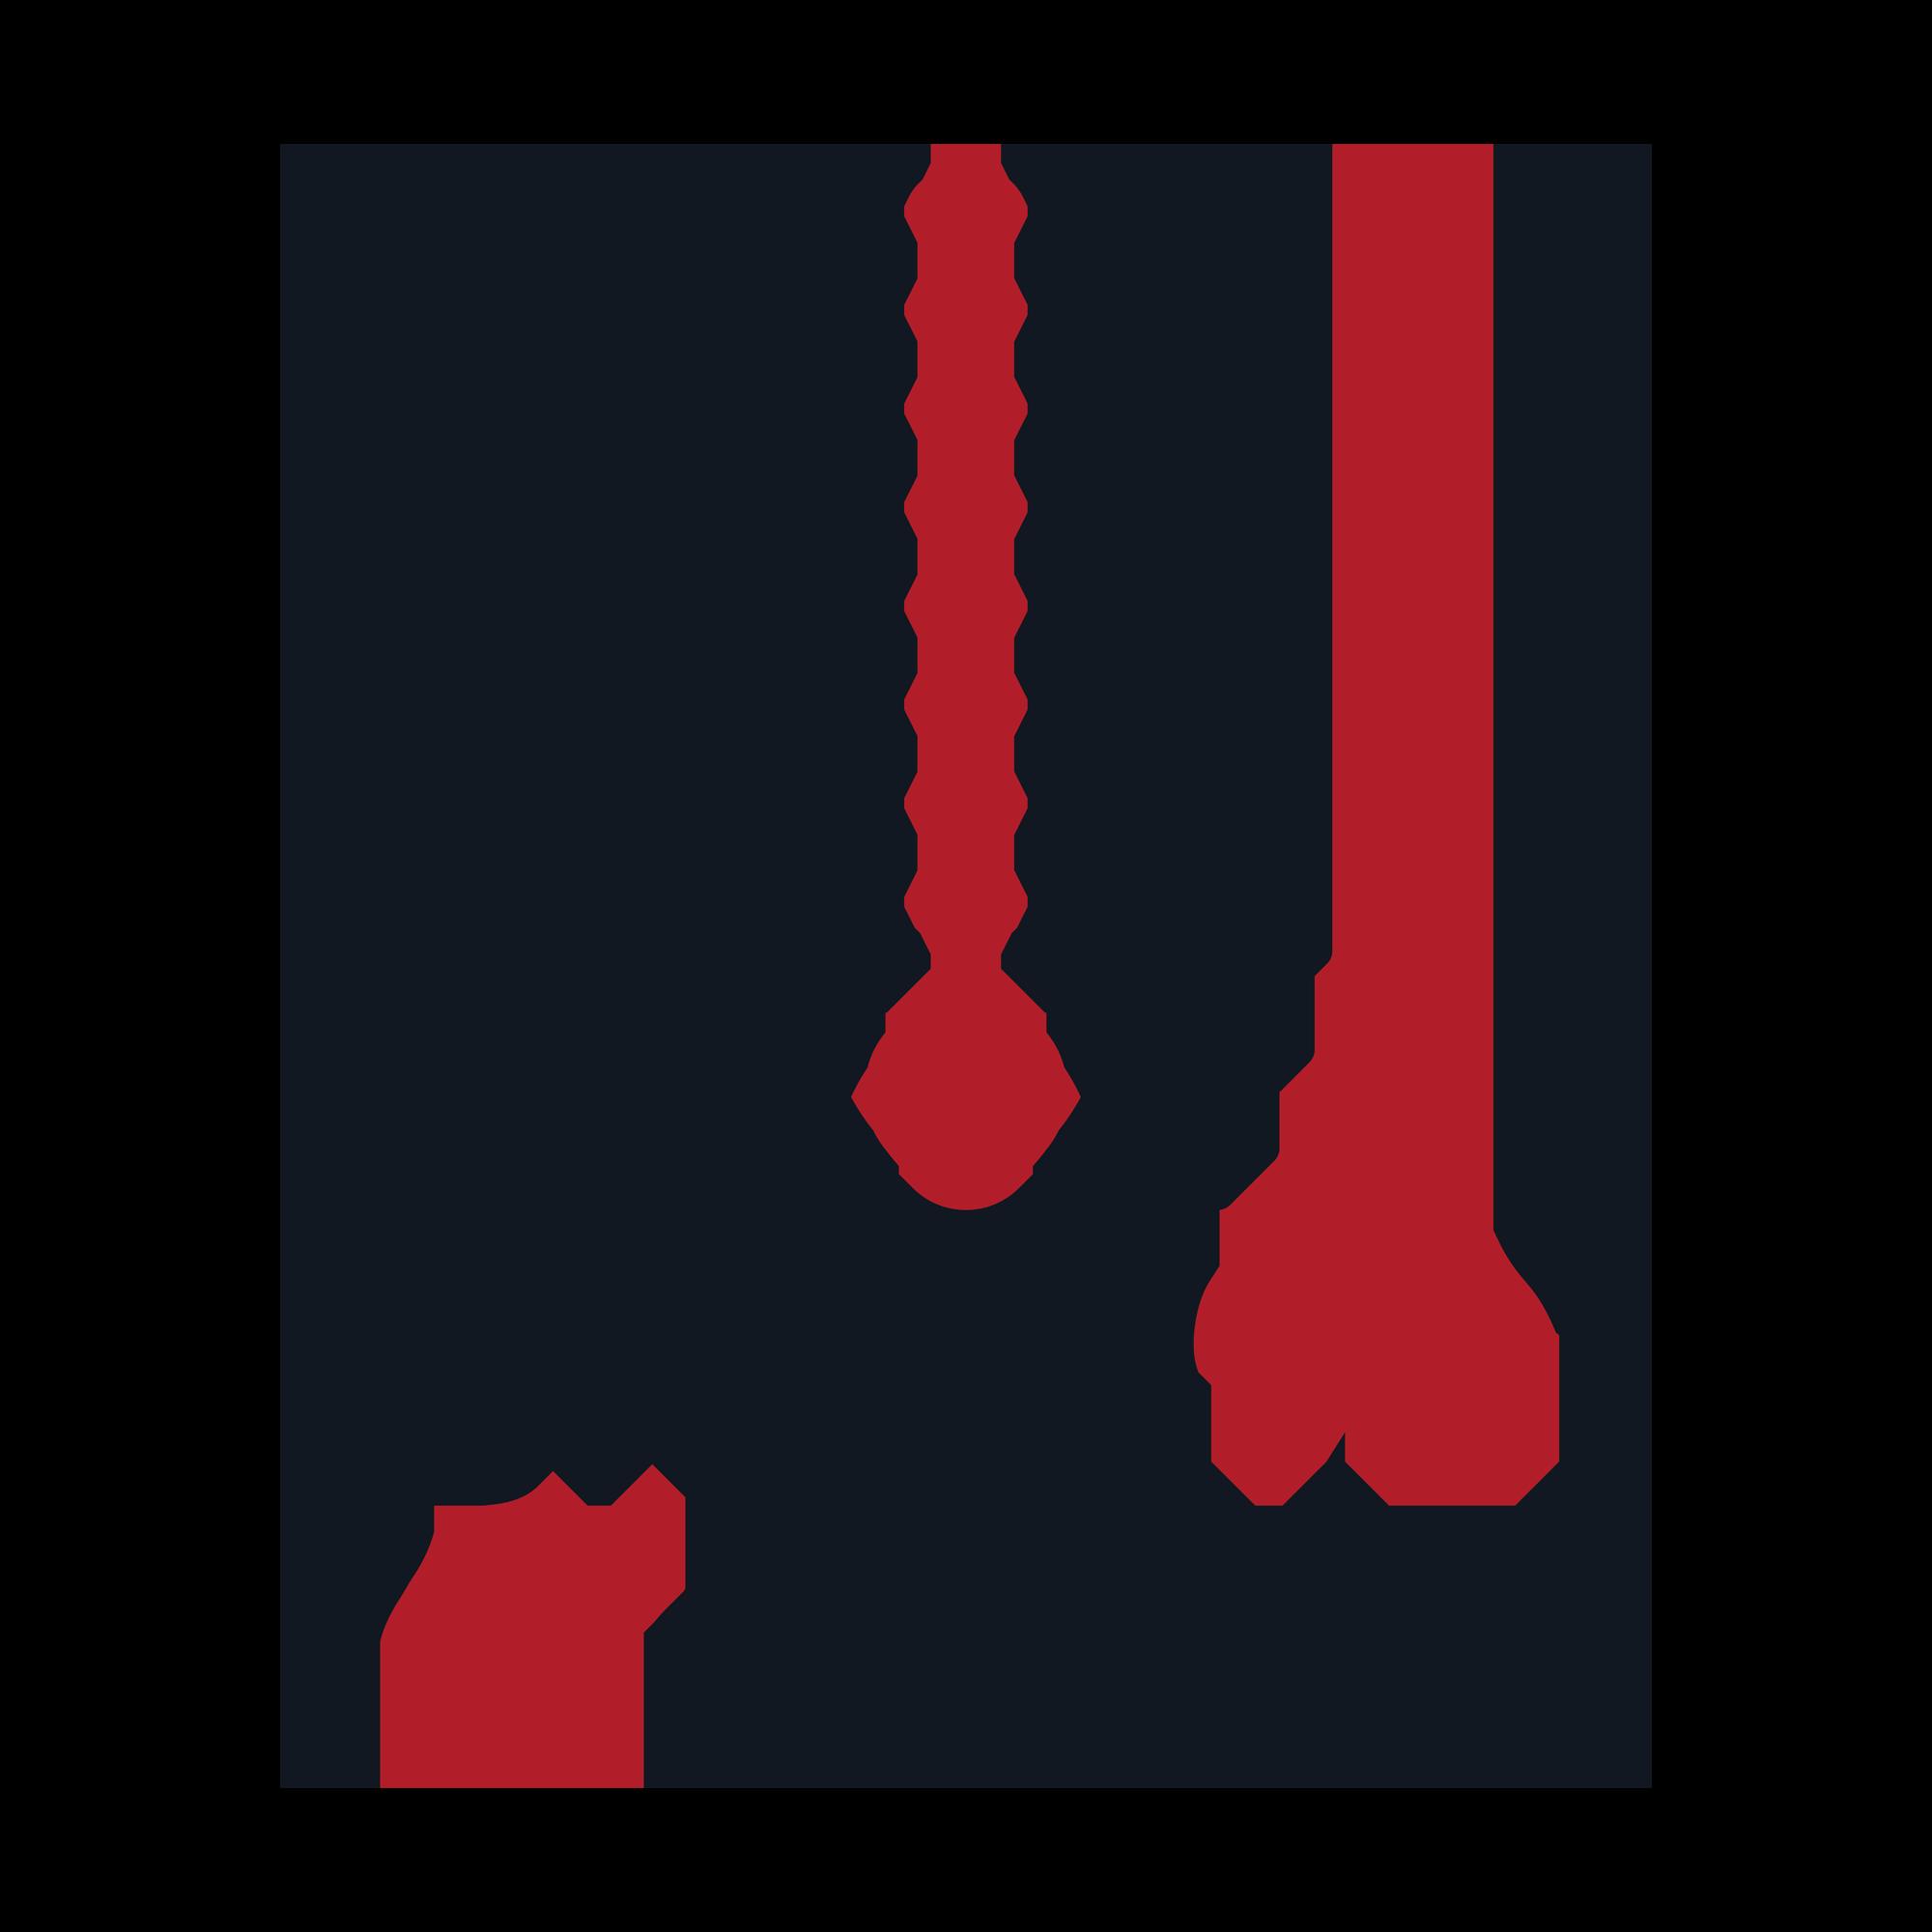 محمصة برو 92 brew